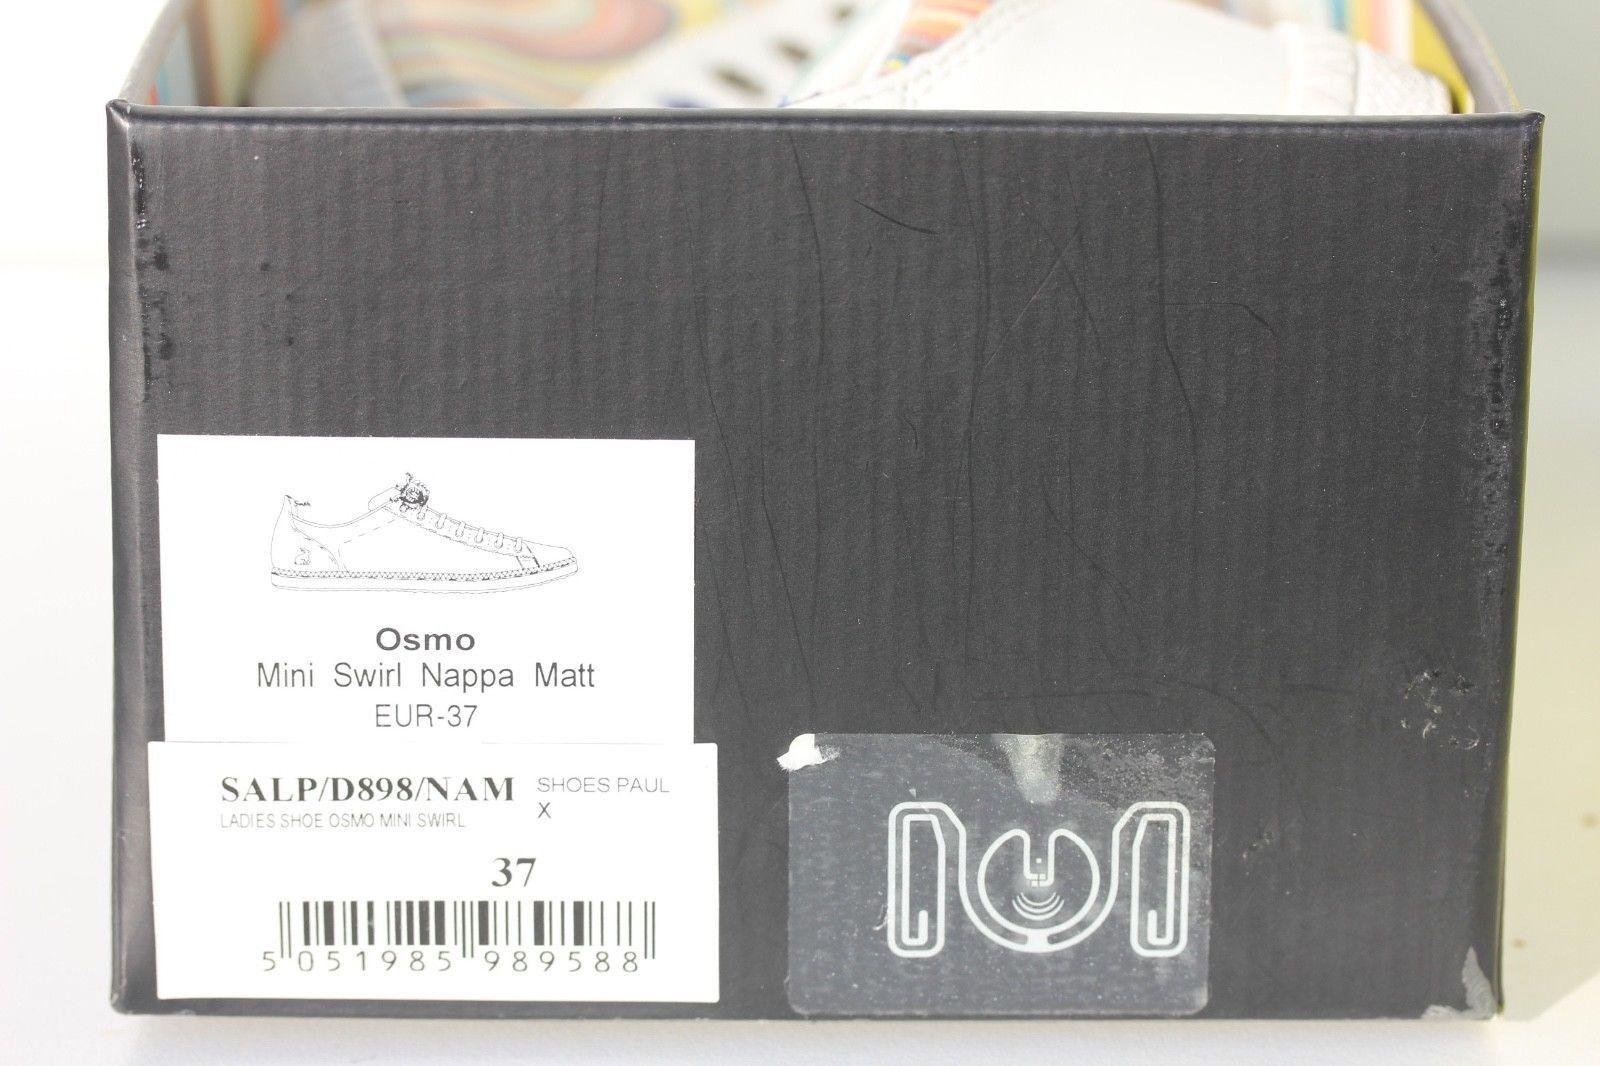 shoes SPORTIVE MULTICOLOR DA women women women - PAUL X - OSMO - TAGLIA 37 - BEL CONDIZIONI 6e69f2